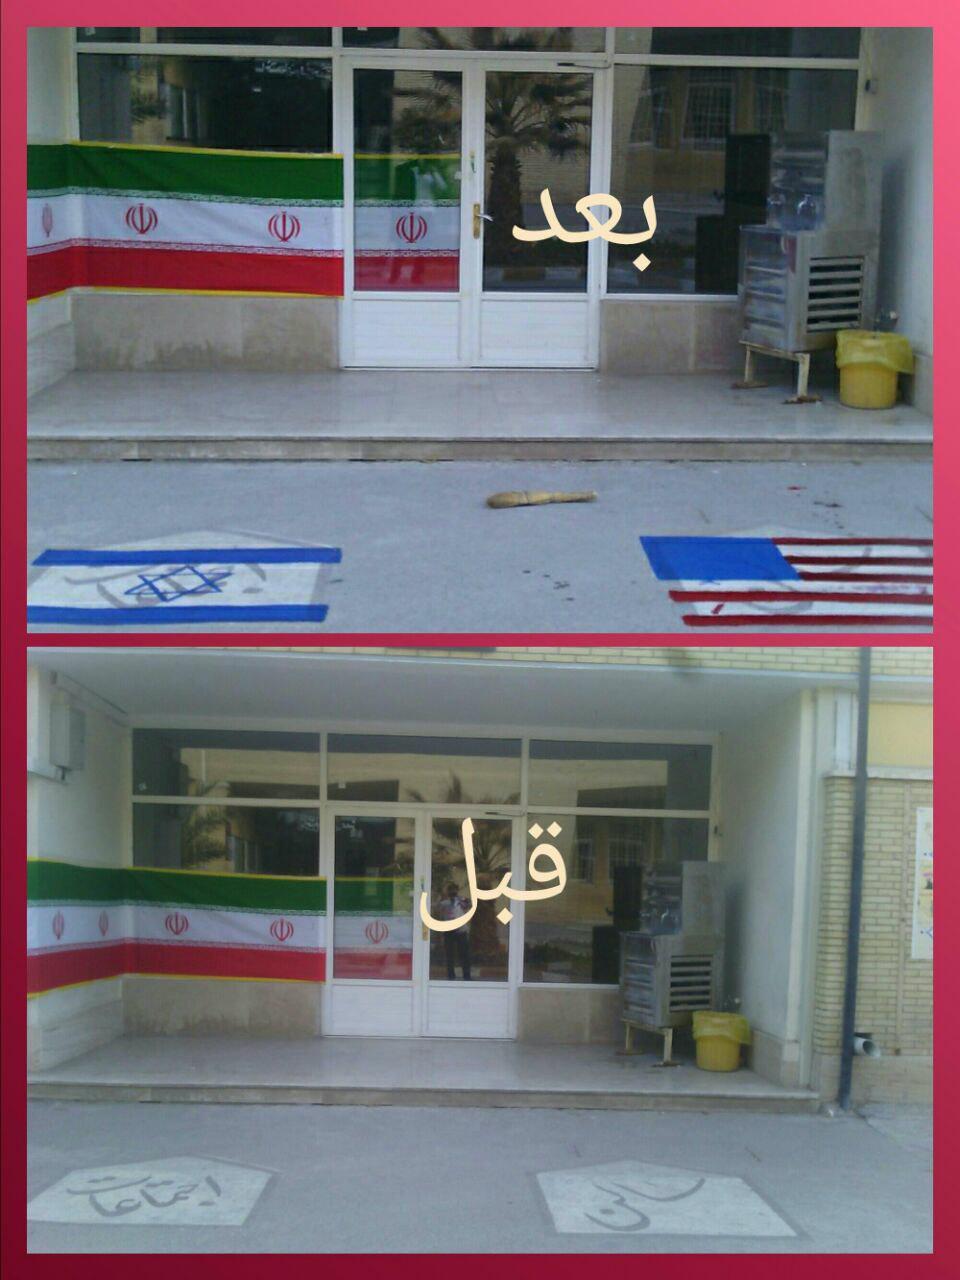 داستان پرچم ها در پیام نور نجف آباد+ تصاویر داستان پرچم ها در پیام نور نجف آباد+ تصاویر داستان پرچم ها در پیام نور نجف آباد+ تصاویر                               3